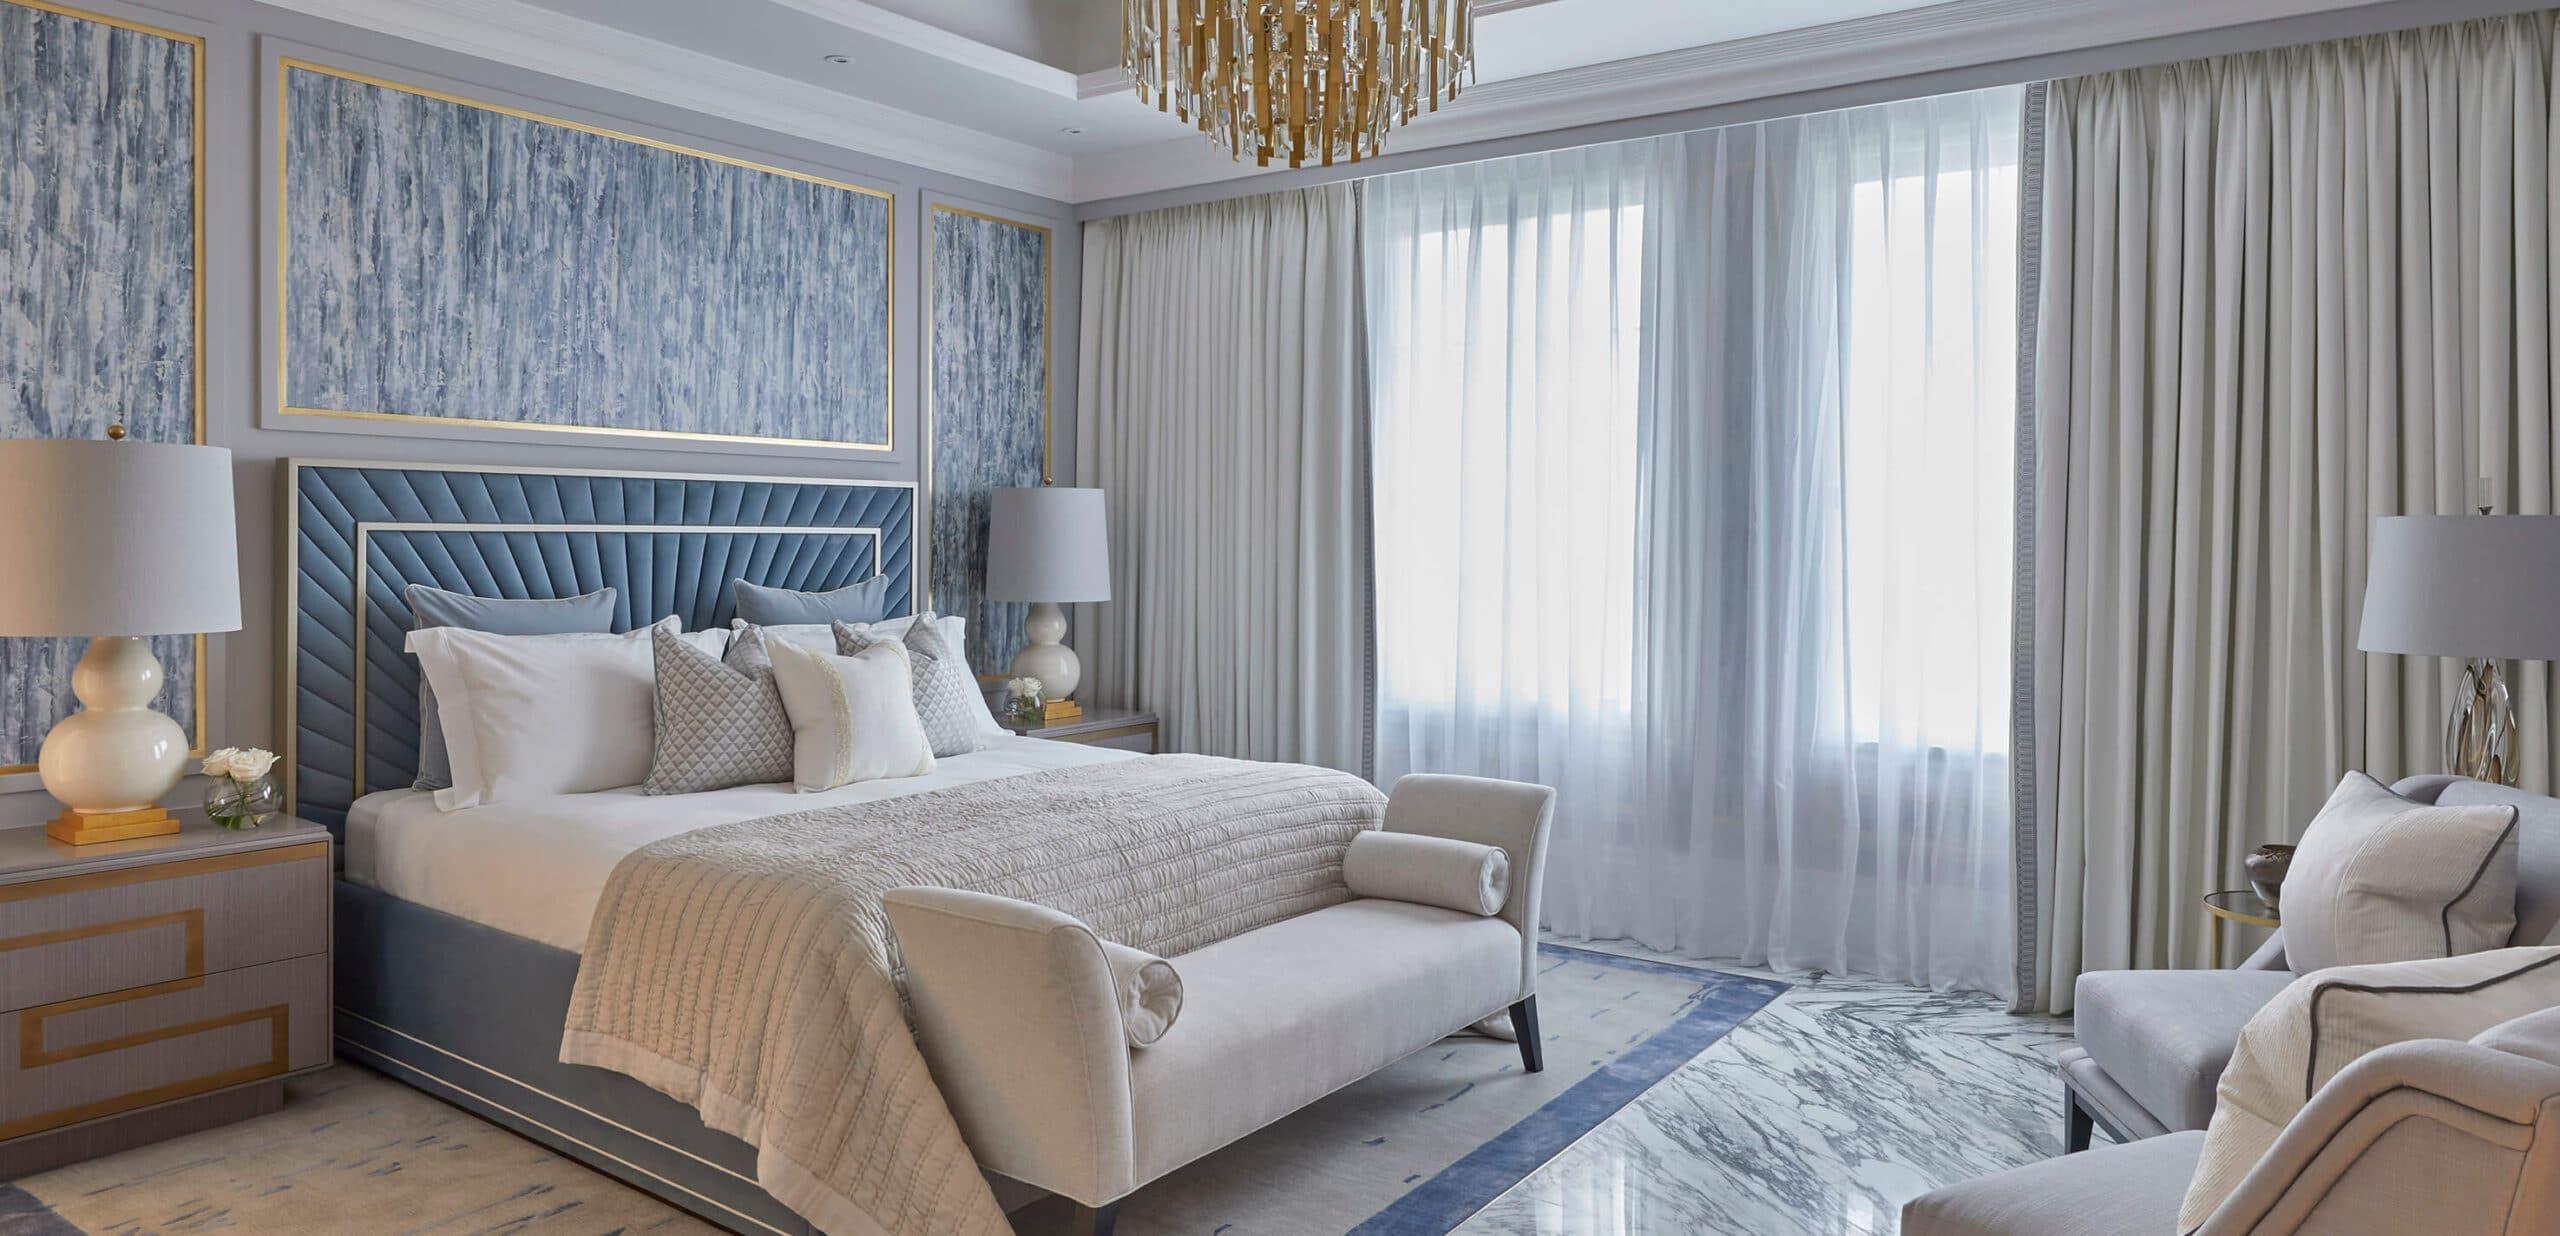 doha pearl villa interior design